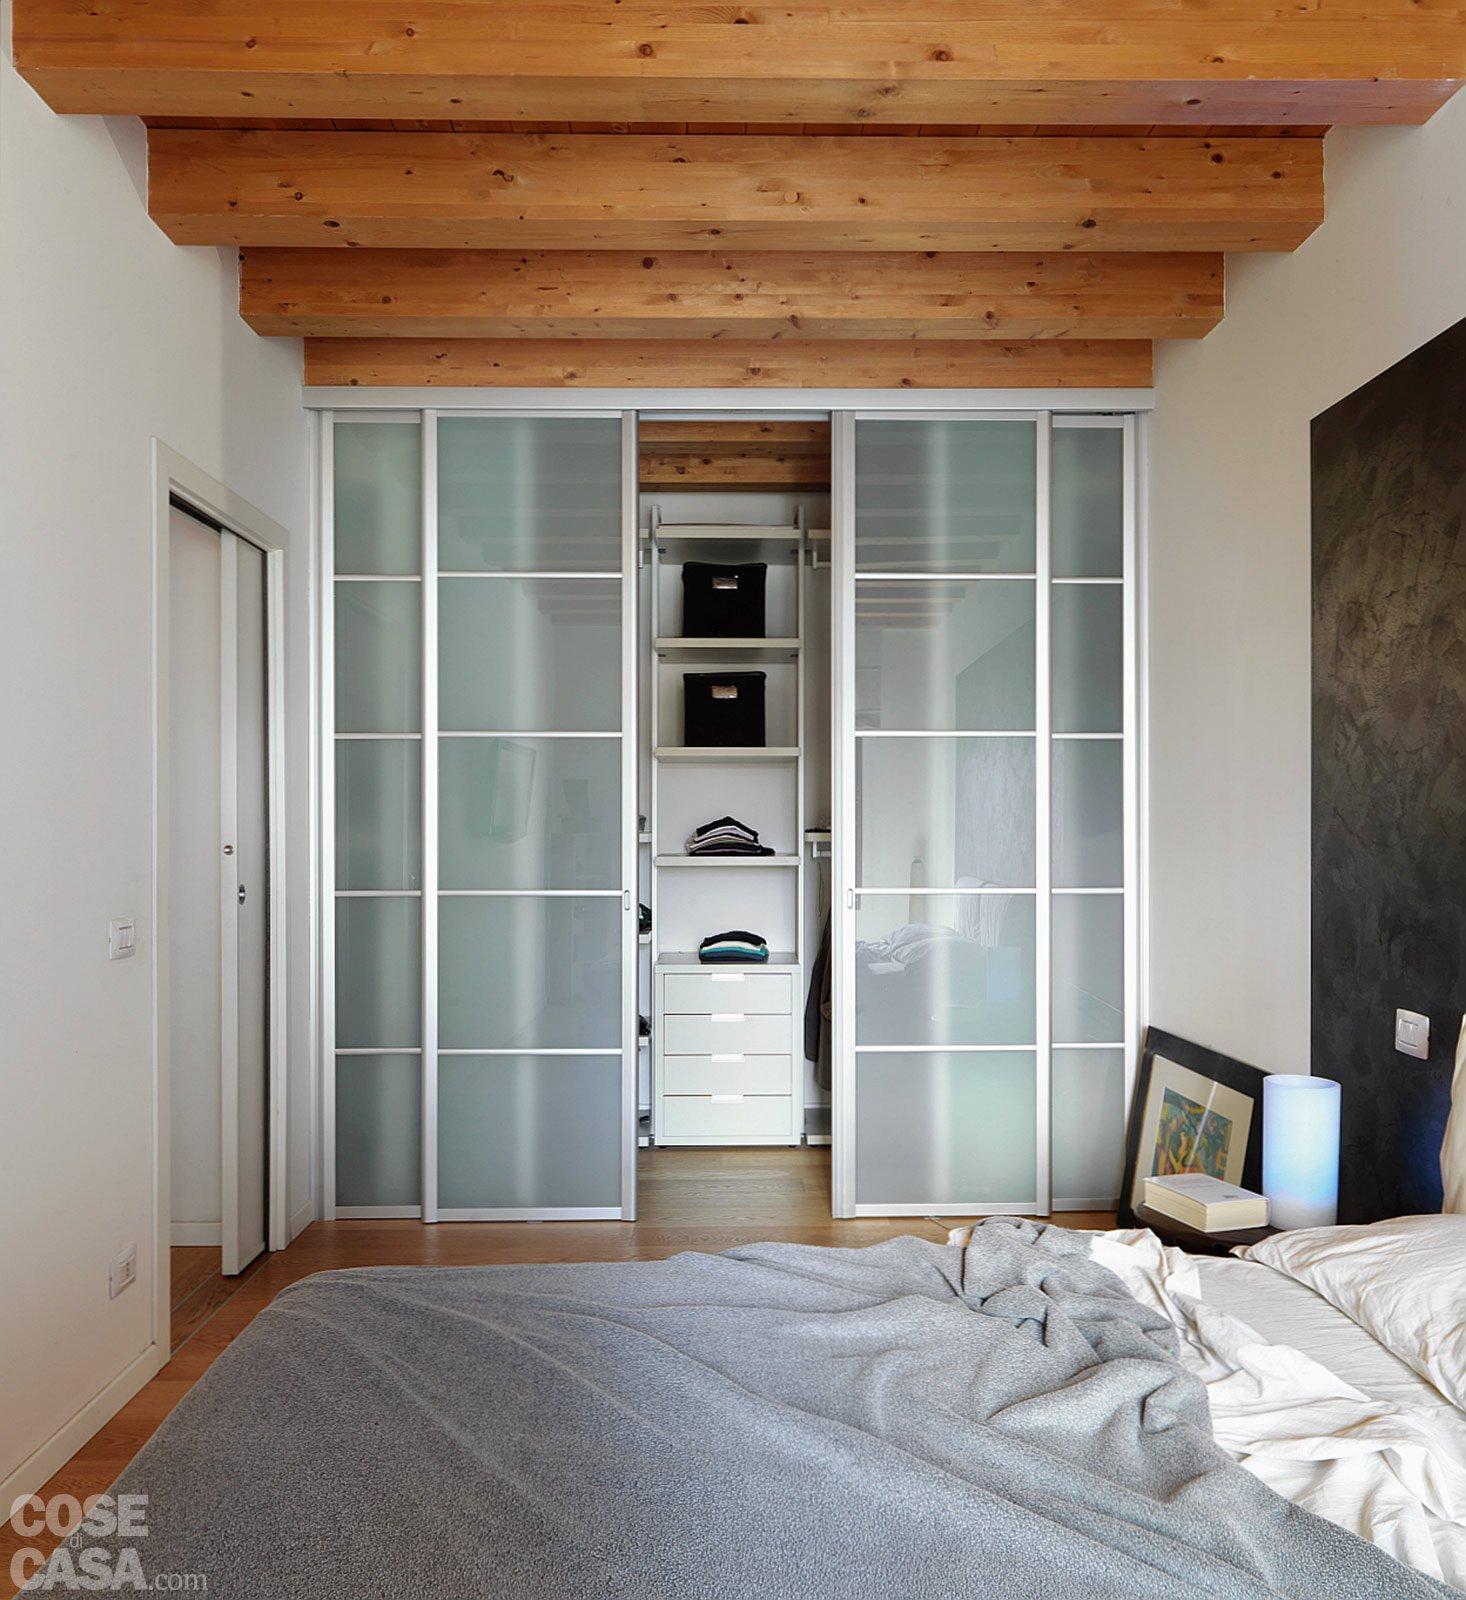 Idee camera da letto piccola : idee arredo camera da letto piccola ...